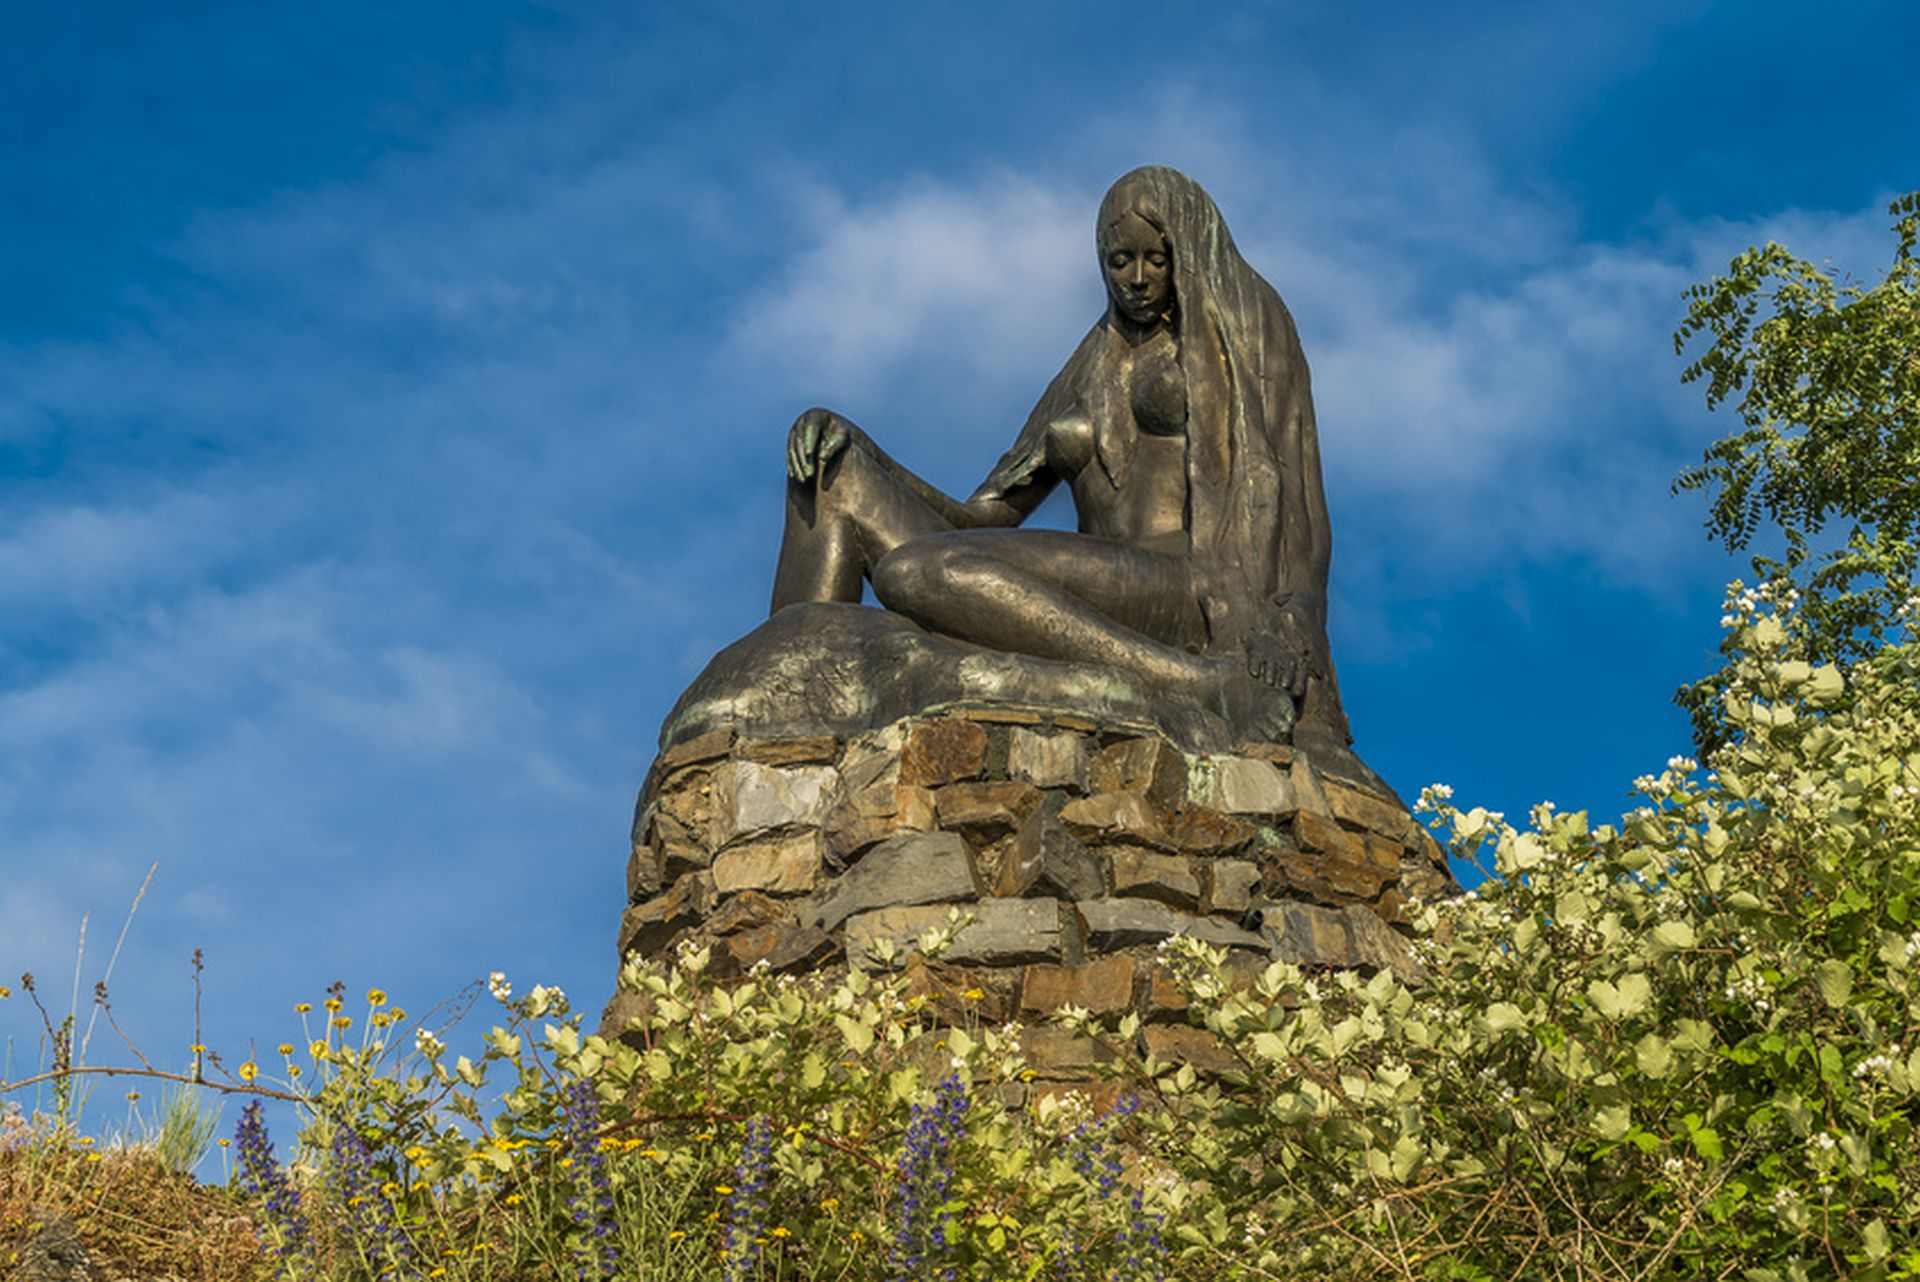 Loreley-Skulptur auf Felsen blickt auf den Rhein bei Sankt Goarshausen